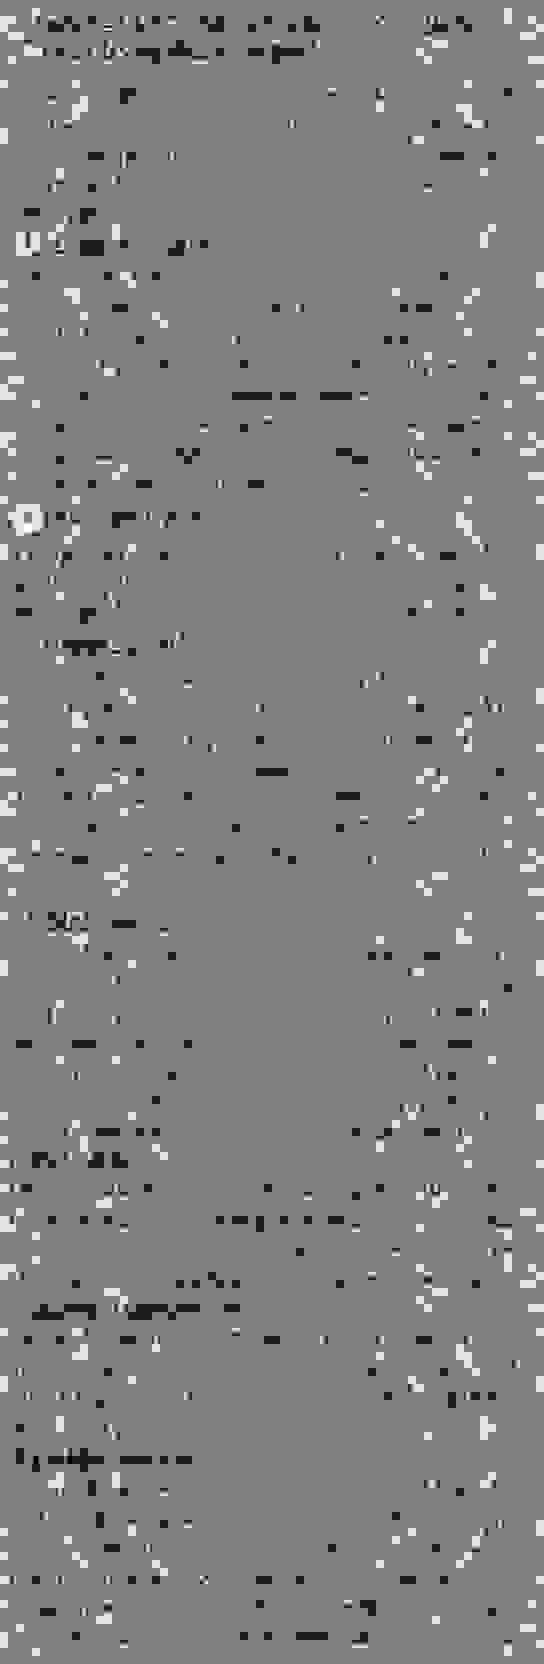 [RMVX] Unacren - Page 2 Gamepl10